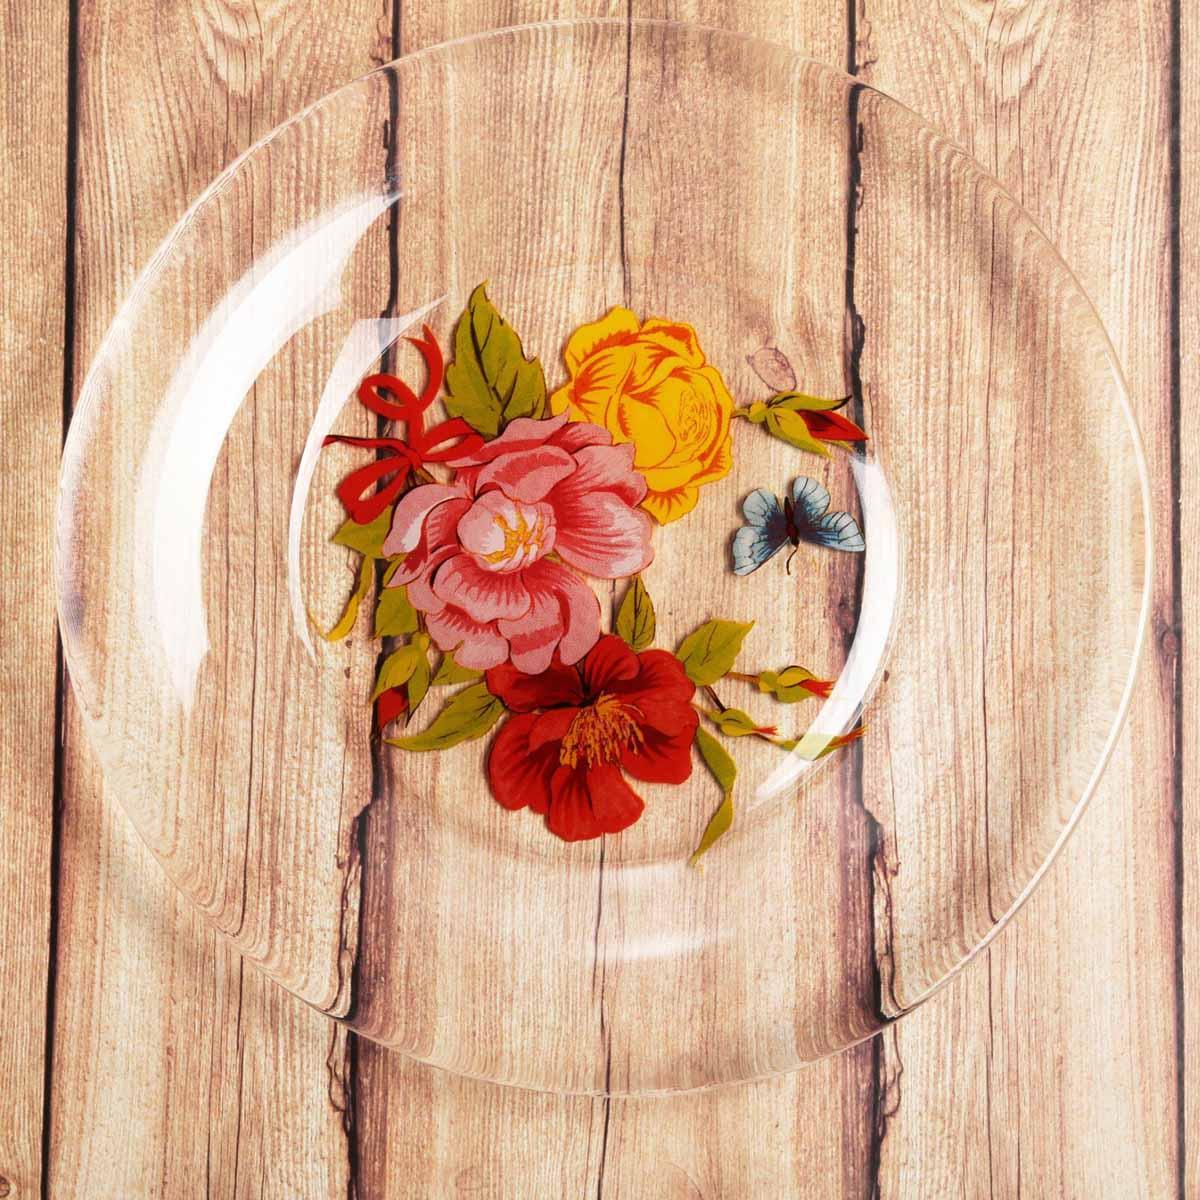 Тарелка Sima-land Букет цветов , диаметр 20 см2196443Красивая тарелка с рисунком дополнит праздничный стол, ведь прозрачное стекло выглядит элегантно и стильно.Предмет можно использовать в микроволновой печи и посудомоечной машине.При бережном обращении изделие будет радовать вас безукоризненным внешним видом долгие годы.